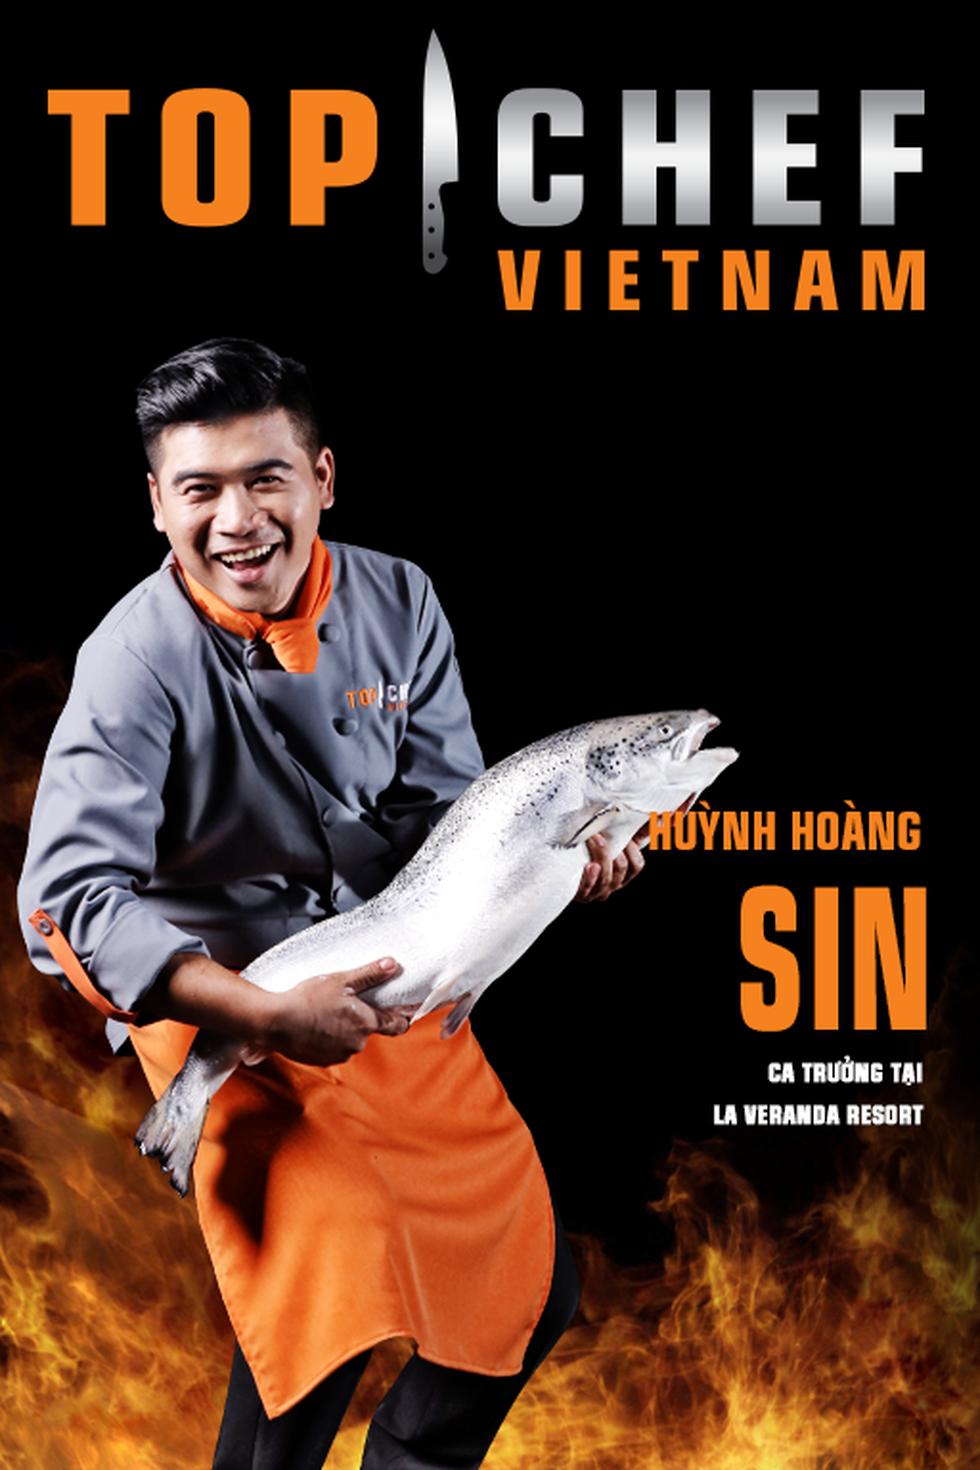 Lộ diện top 14 Đầu bếp thượng đỉnh - Top chef Vietnam 2019 - Ảnh 7.